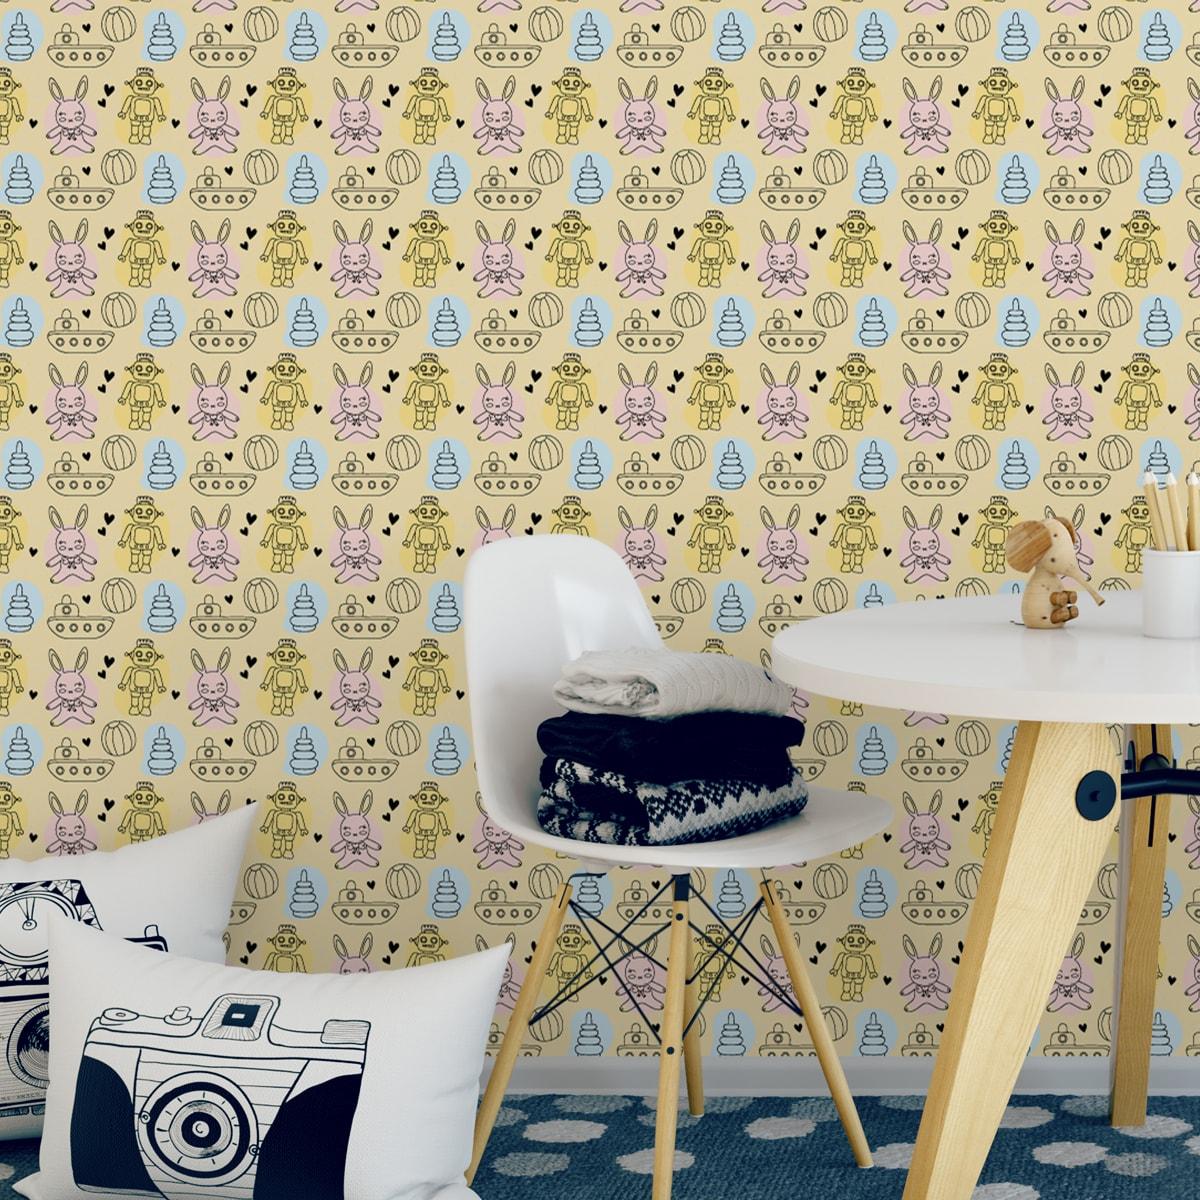 """Tolle Kinder Jugend Tapete """"Toy Zone"""" mit lustigem Spielzeug und Robotern auf gelb angepasst an Little Greene Wandfarben- Vliestapete Tiere"""